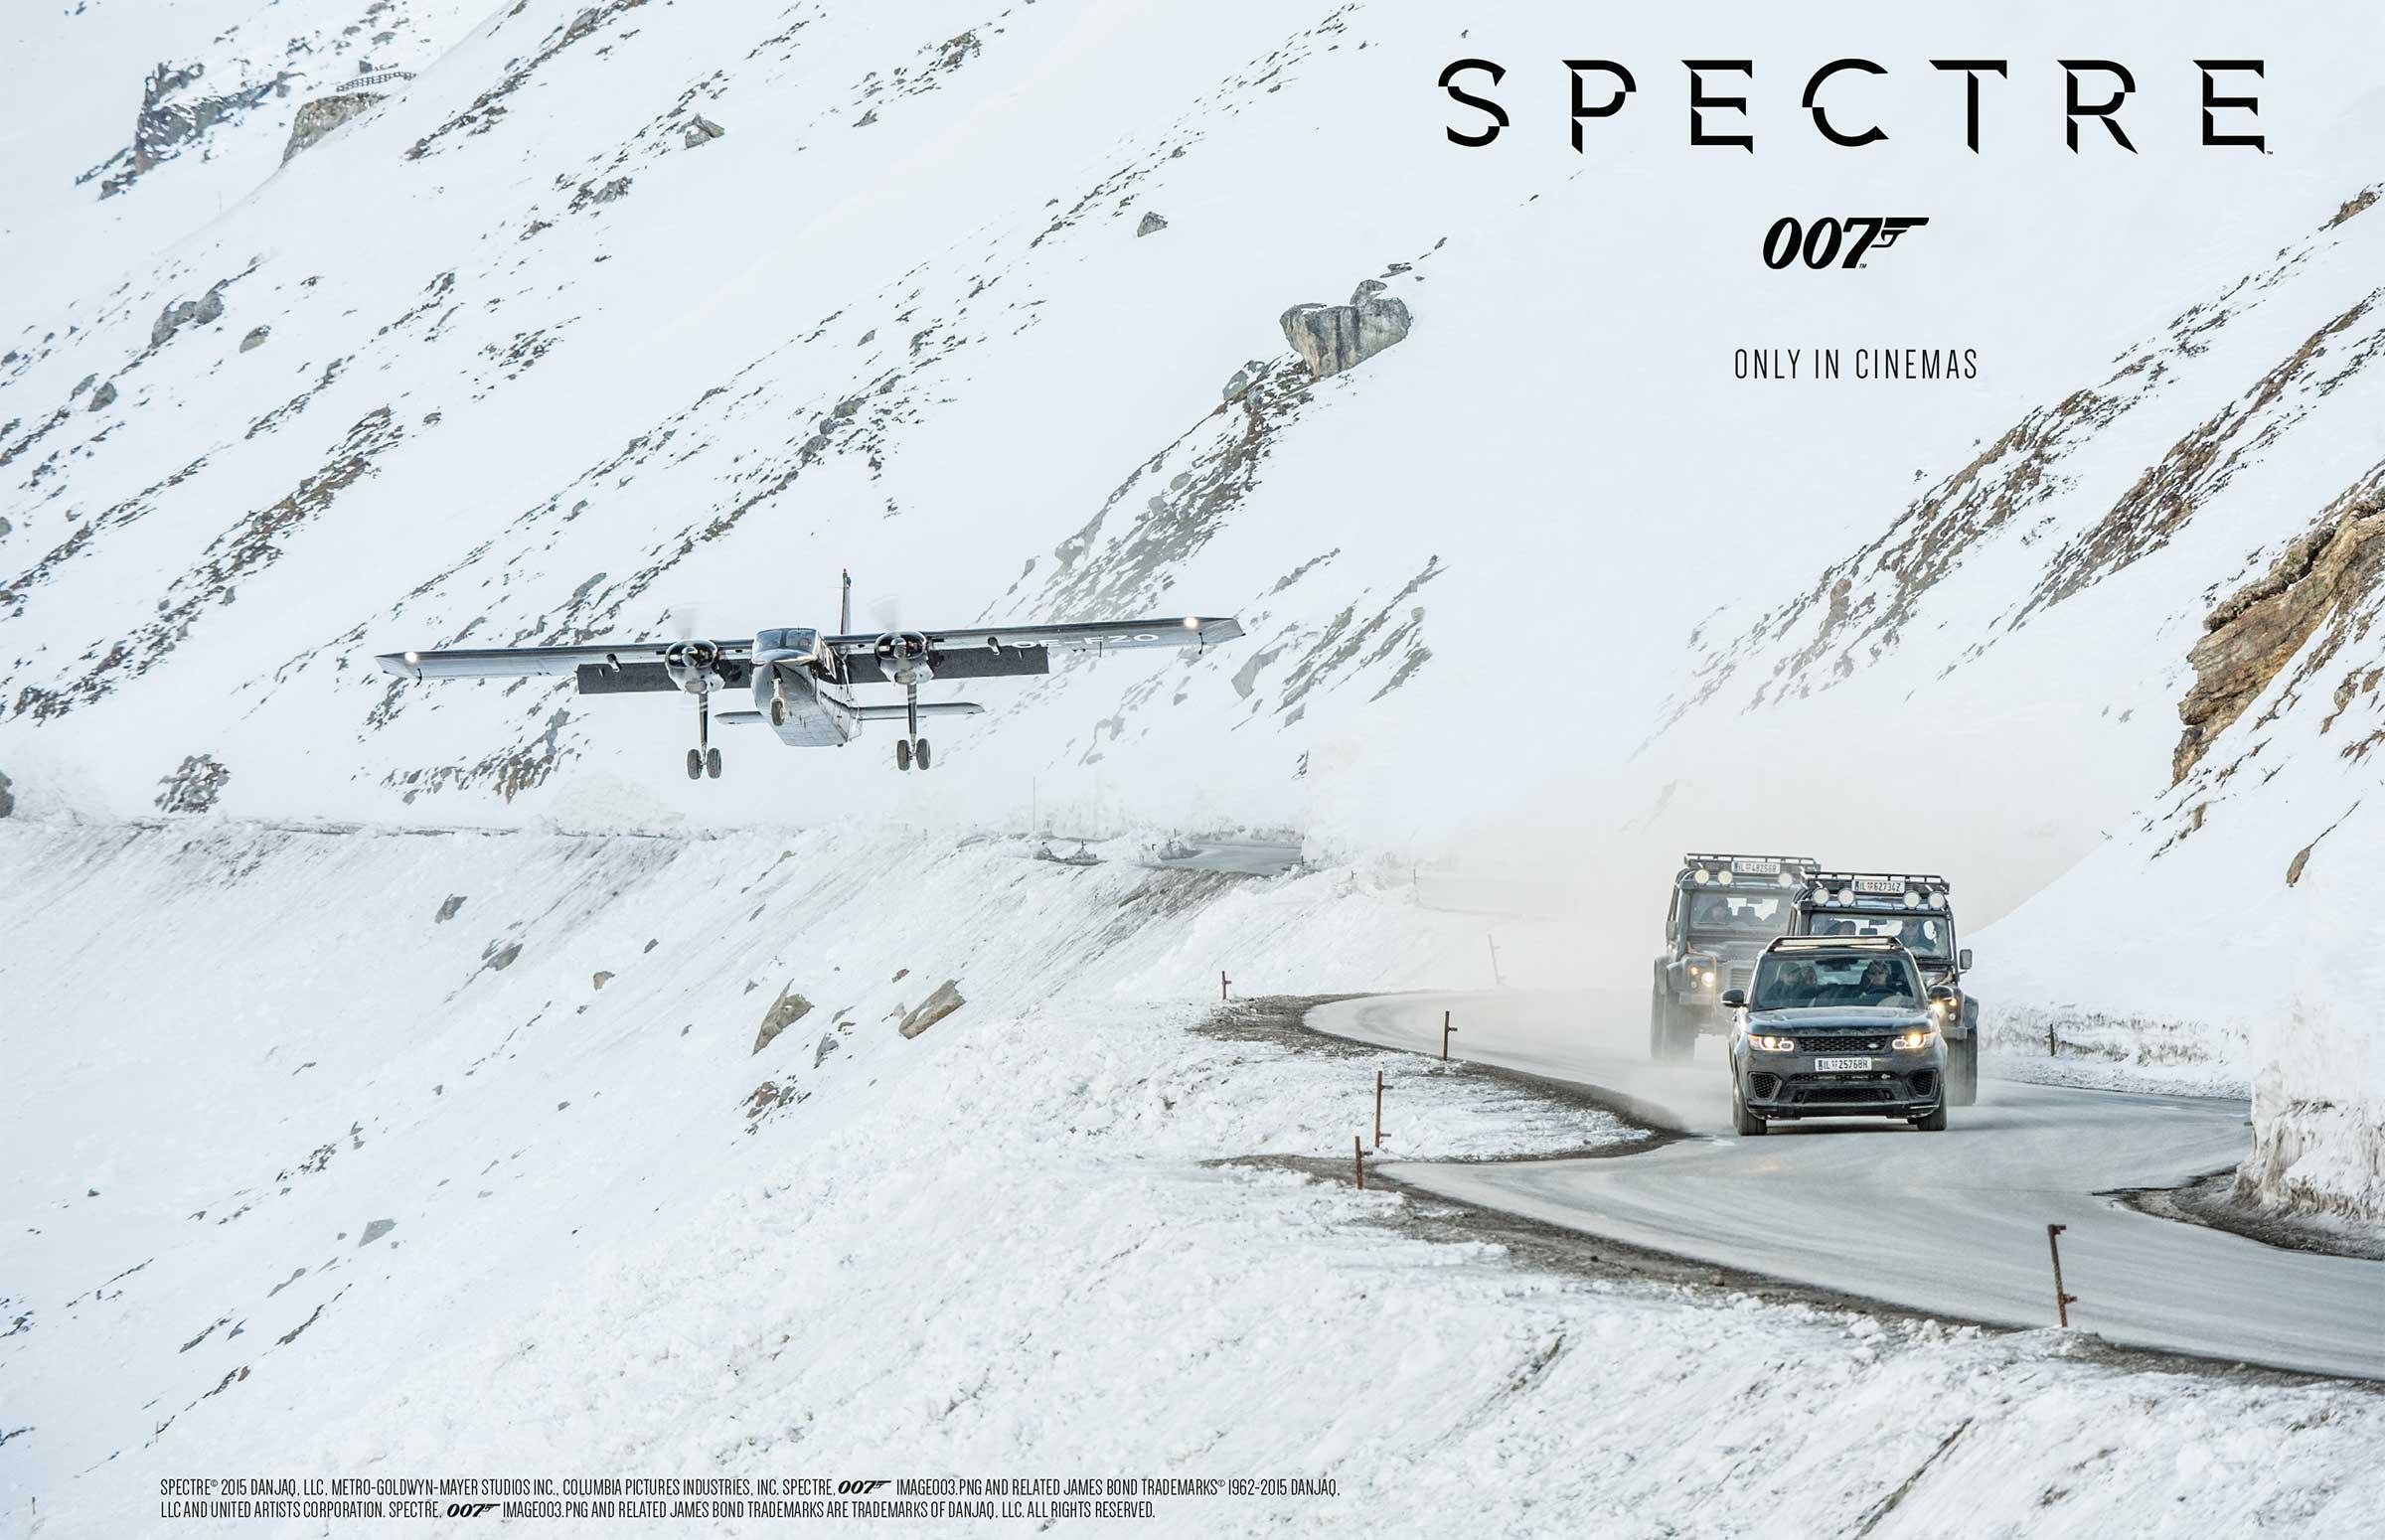 Verfolgungsjagd 007 auf Gletscherstraße - Wie 007 nach Sölden kam